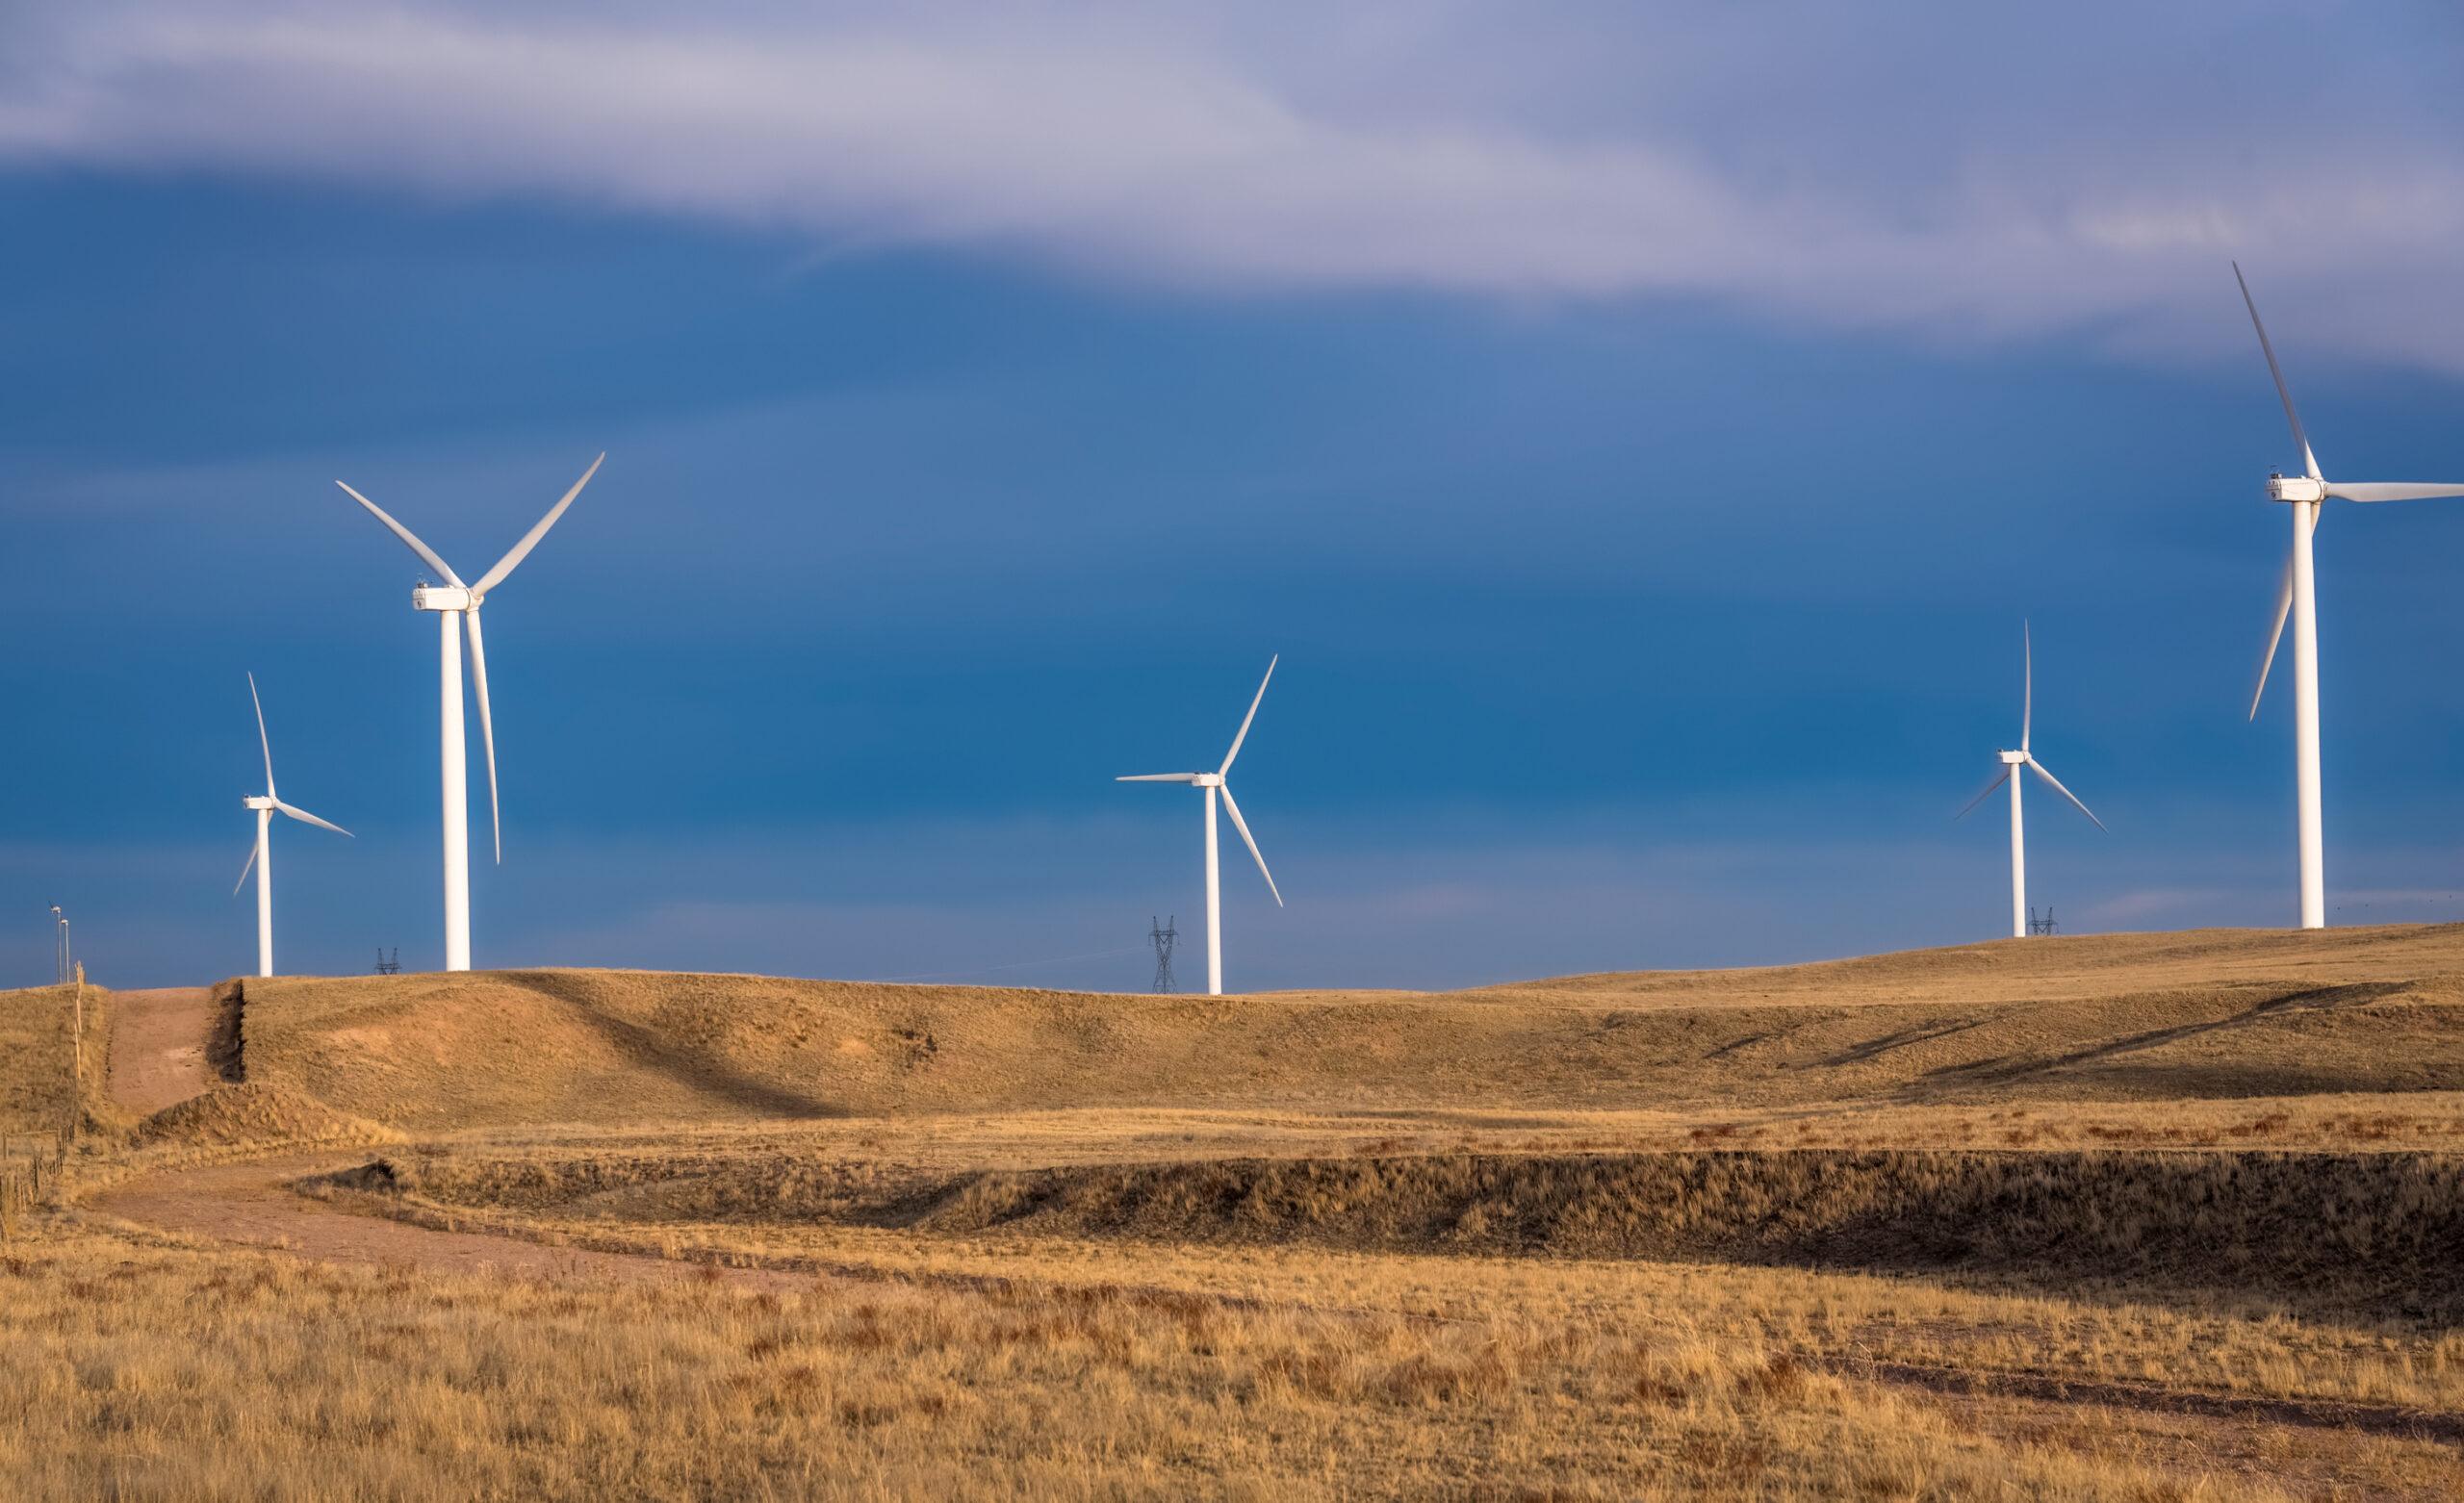 Wind turbines in Wyoming